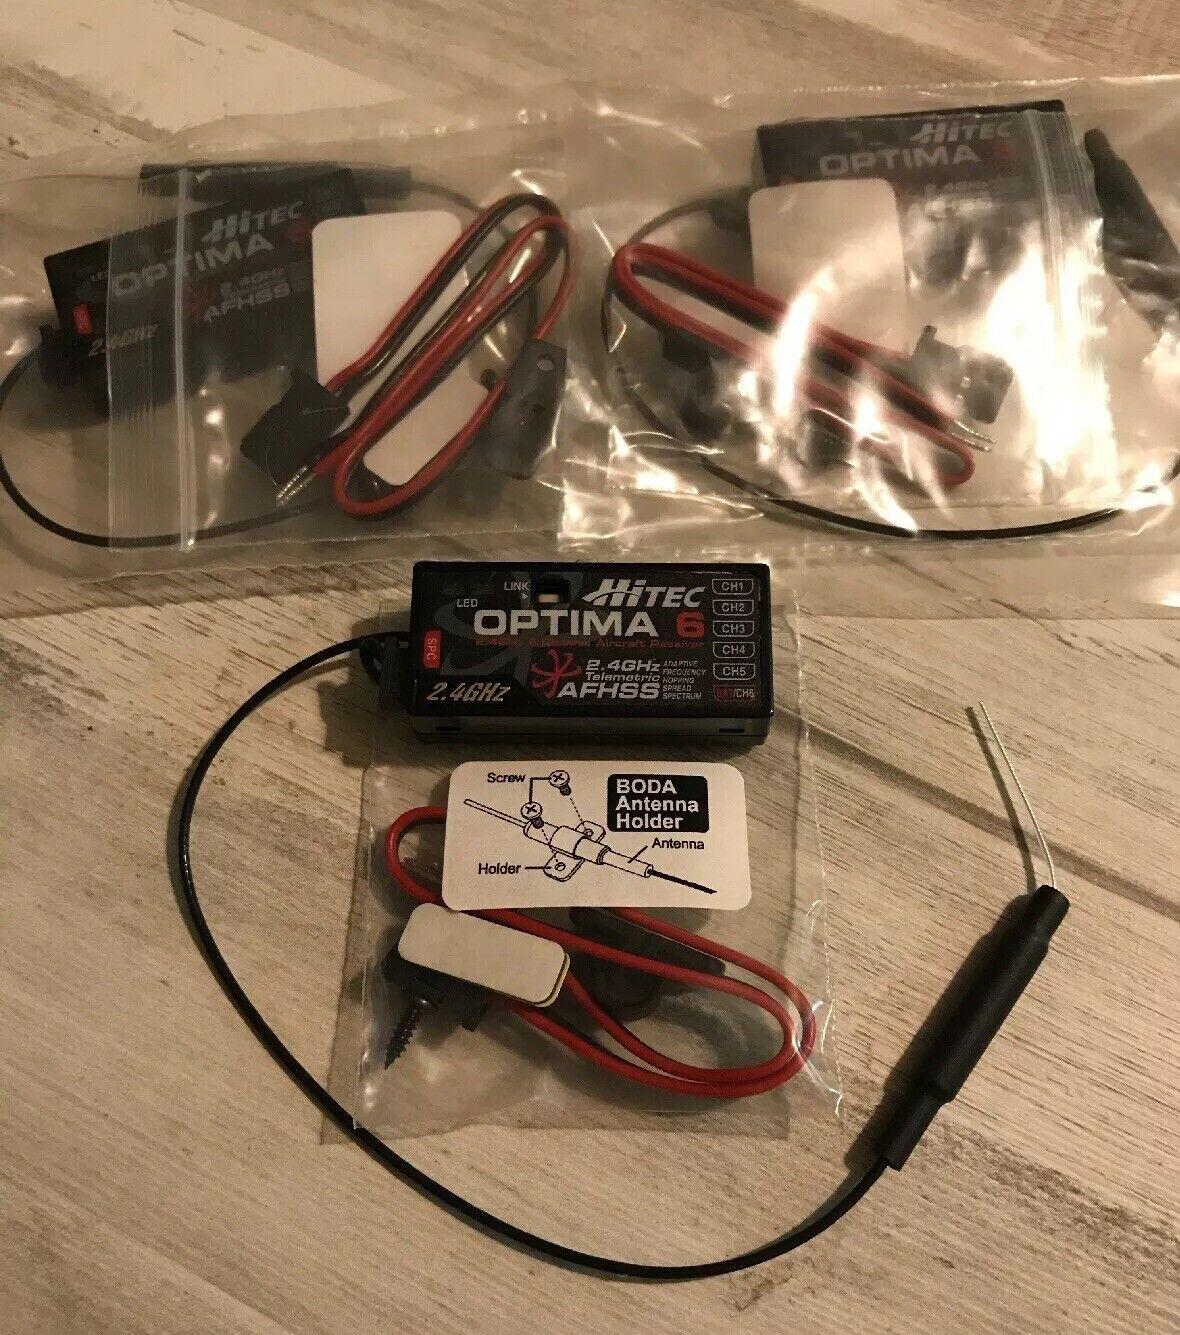 Hitec  Optima 6 RX (3) 2.4Ghz receivers  sconti e altro